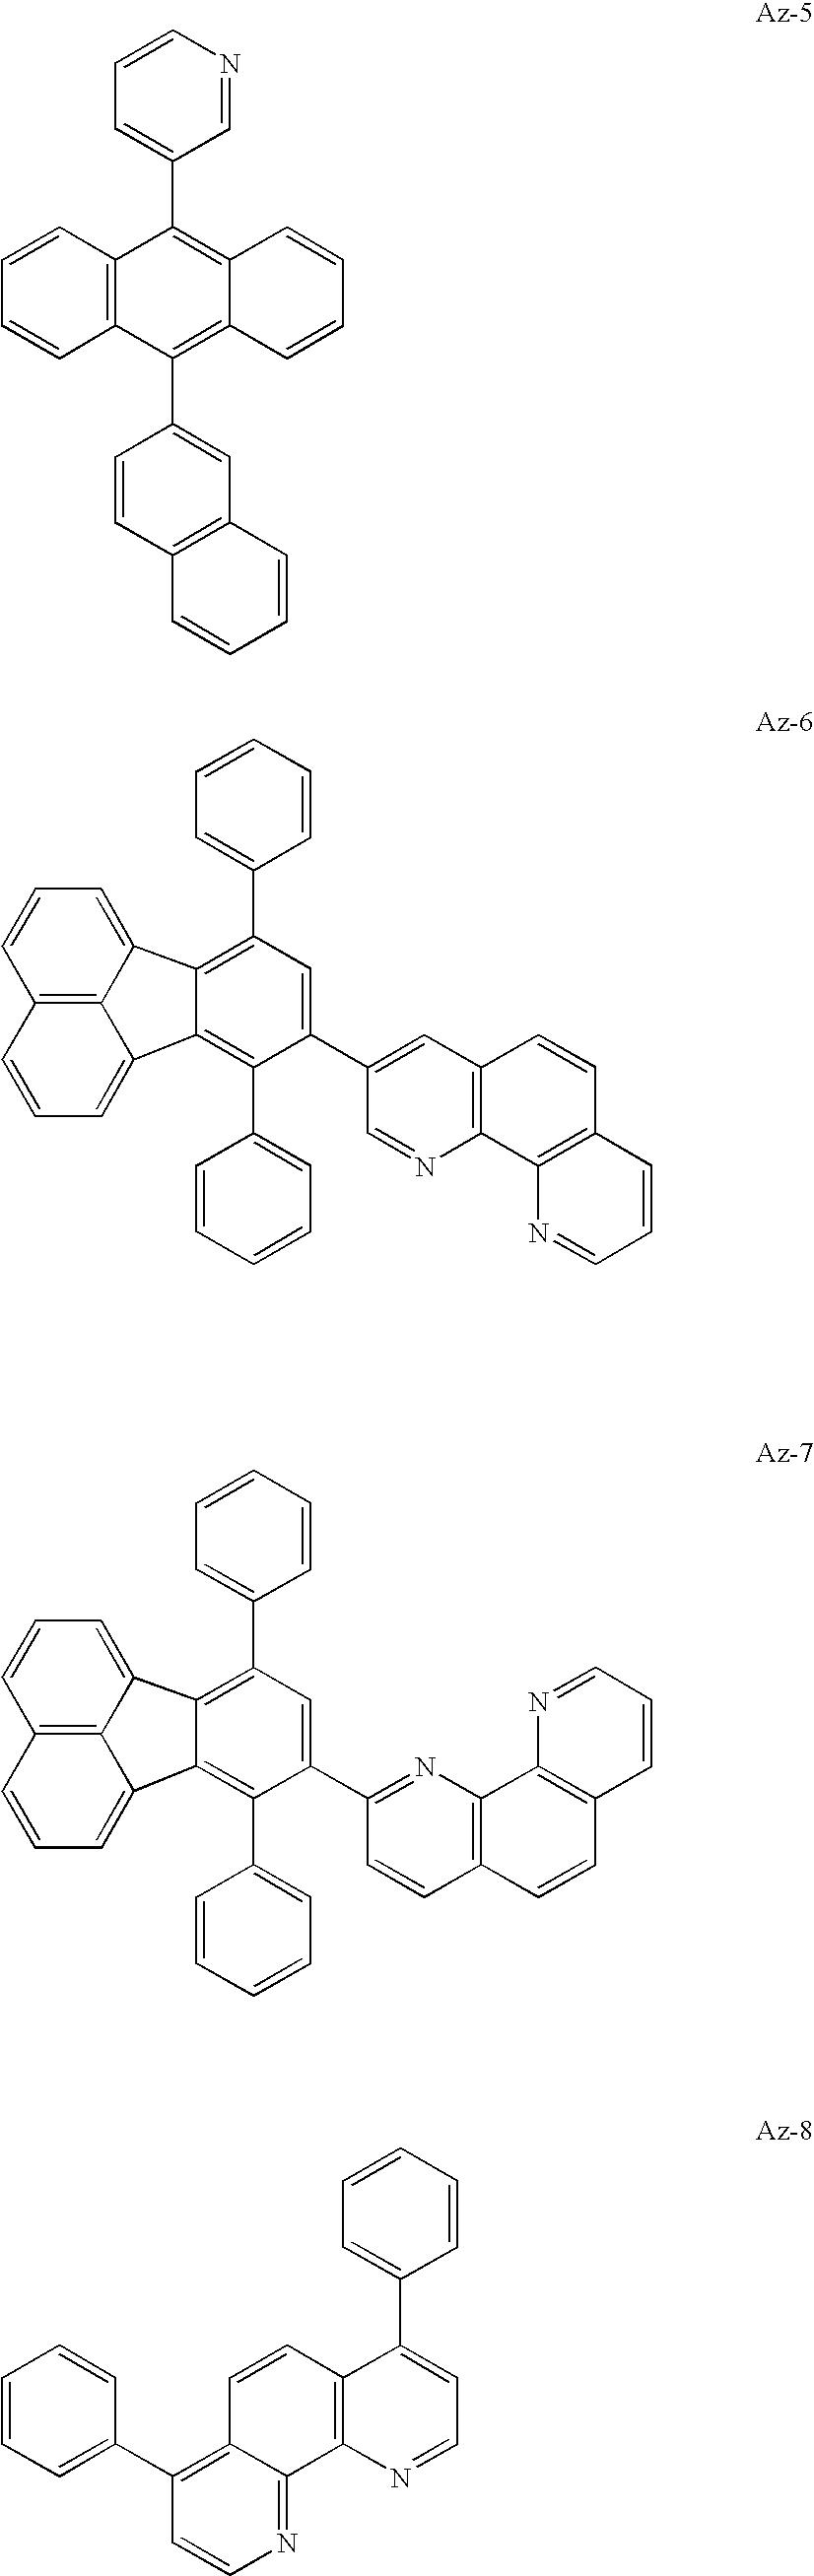 Figure US20100244677A1-20100930-C00026